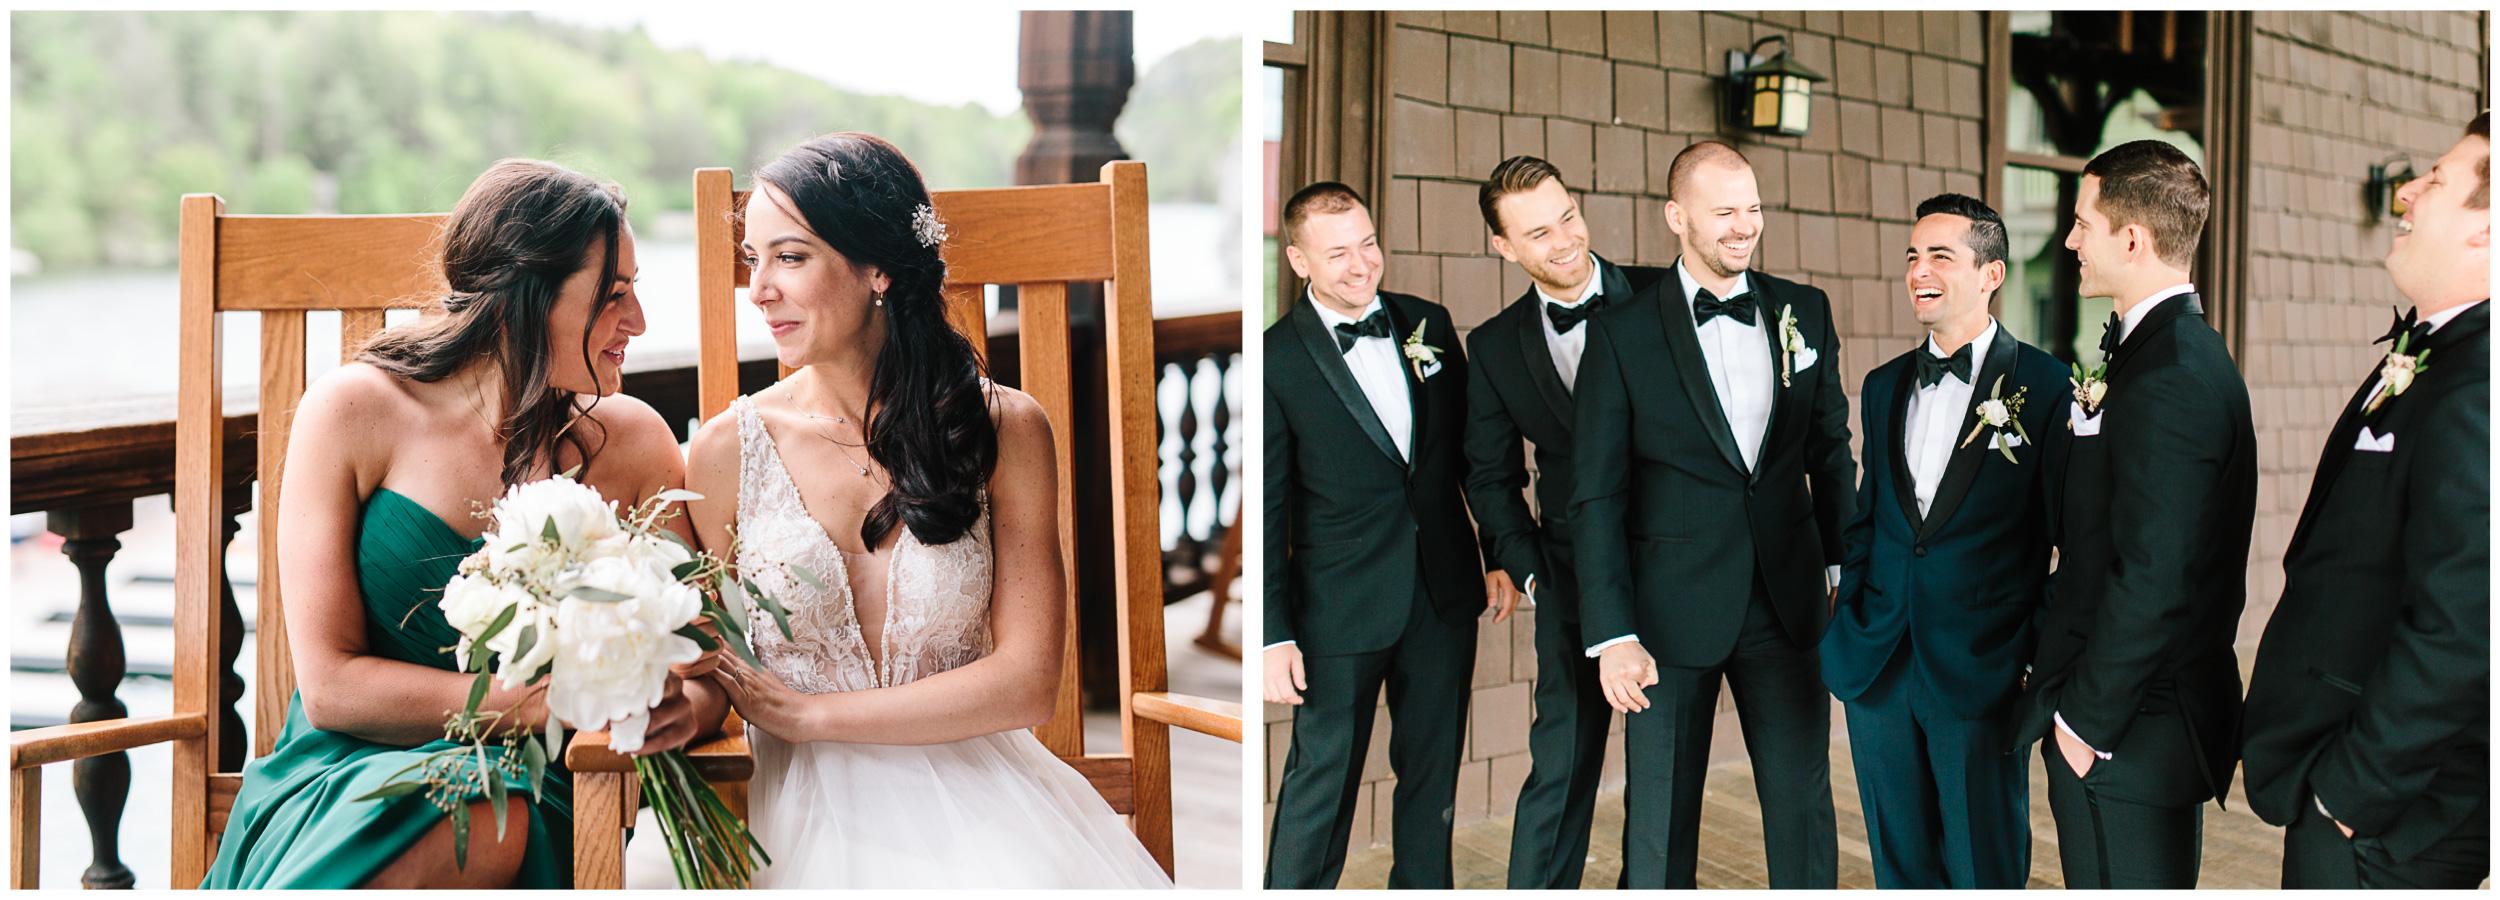 mohonk_wedding_47.jpg